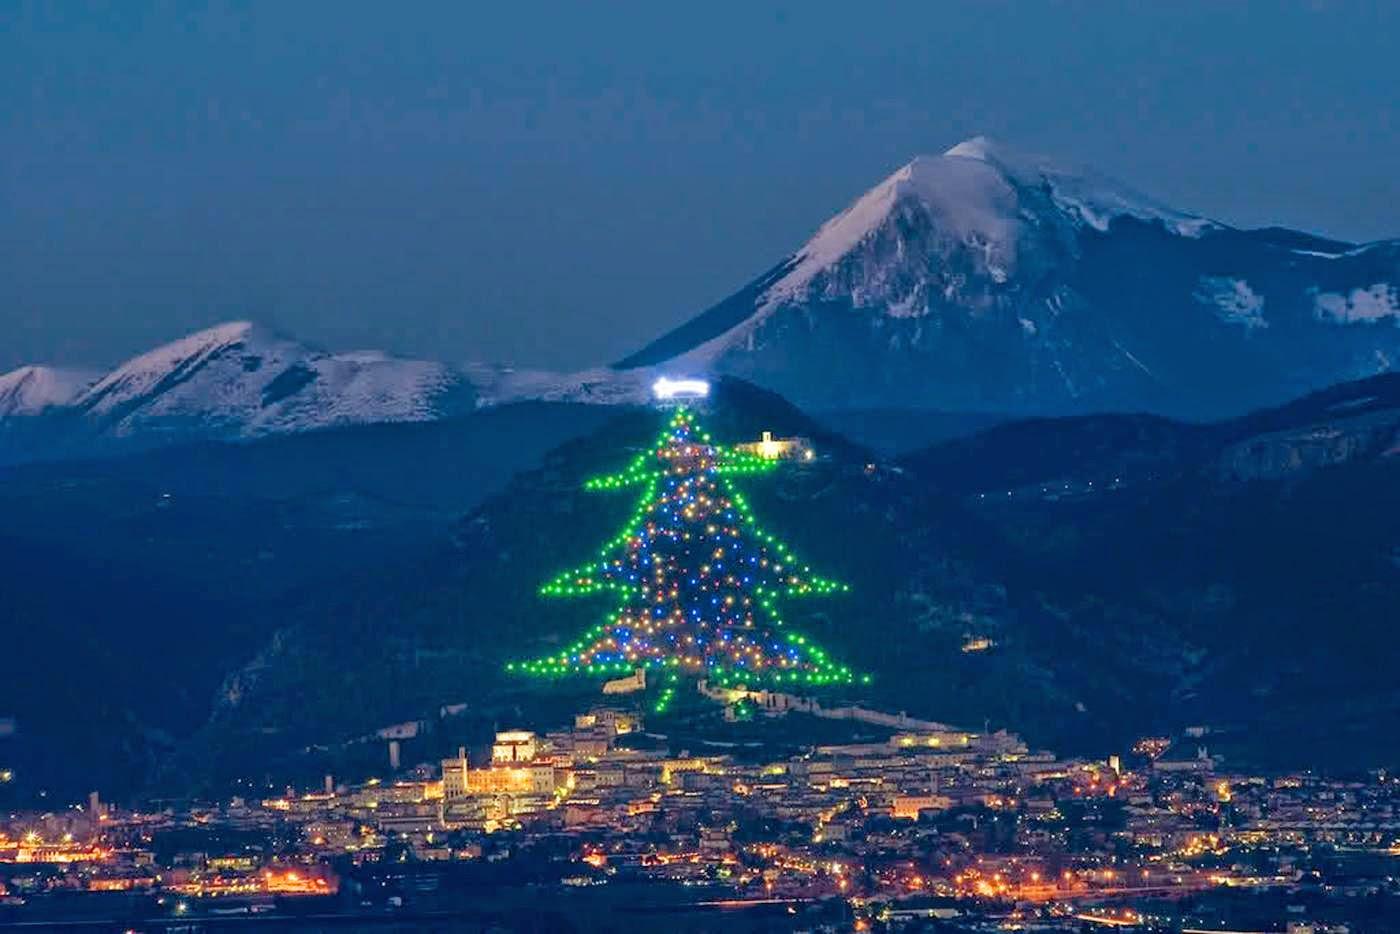 karácsony, karácsonyfa, karácsonyi díszkivilágítás, Olaszország, Gubbio, Ferenc pápa,